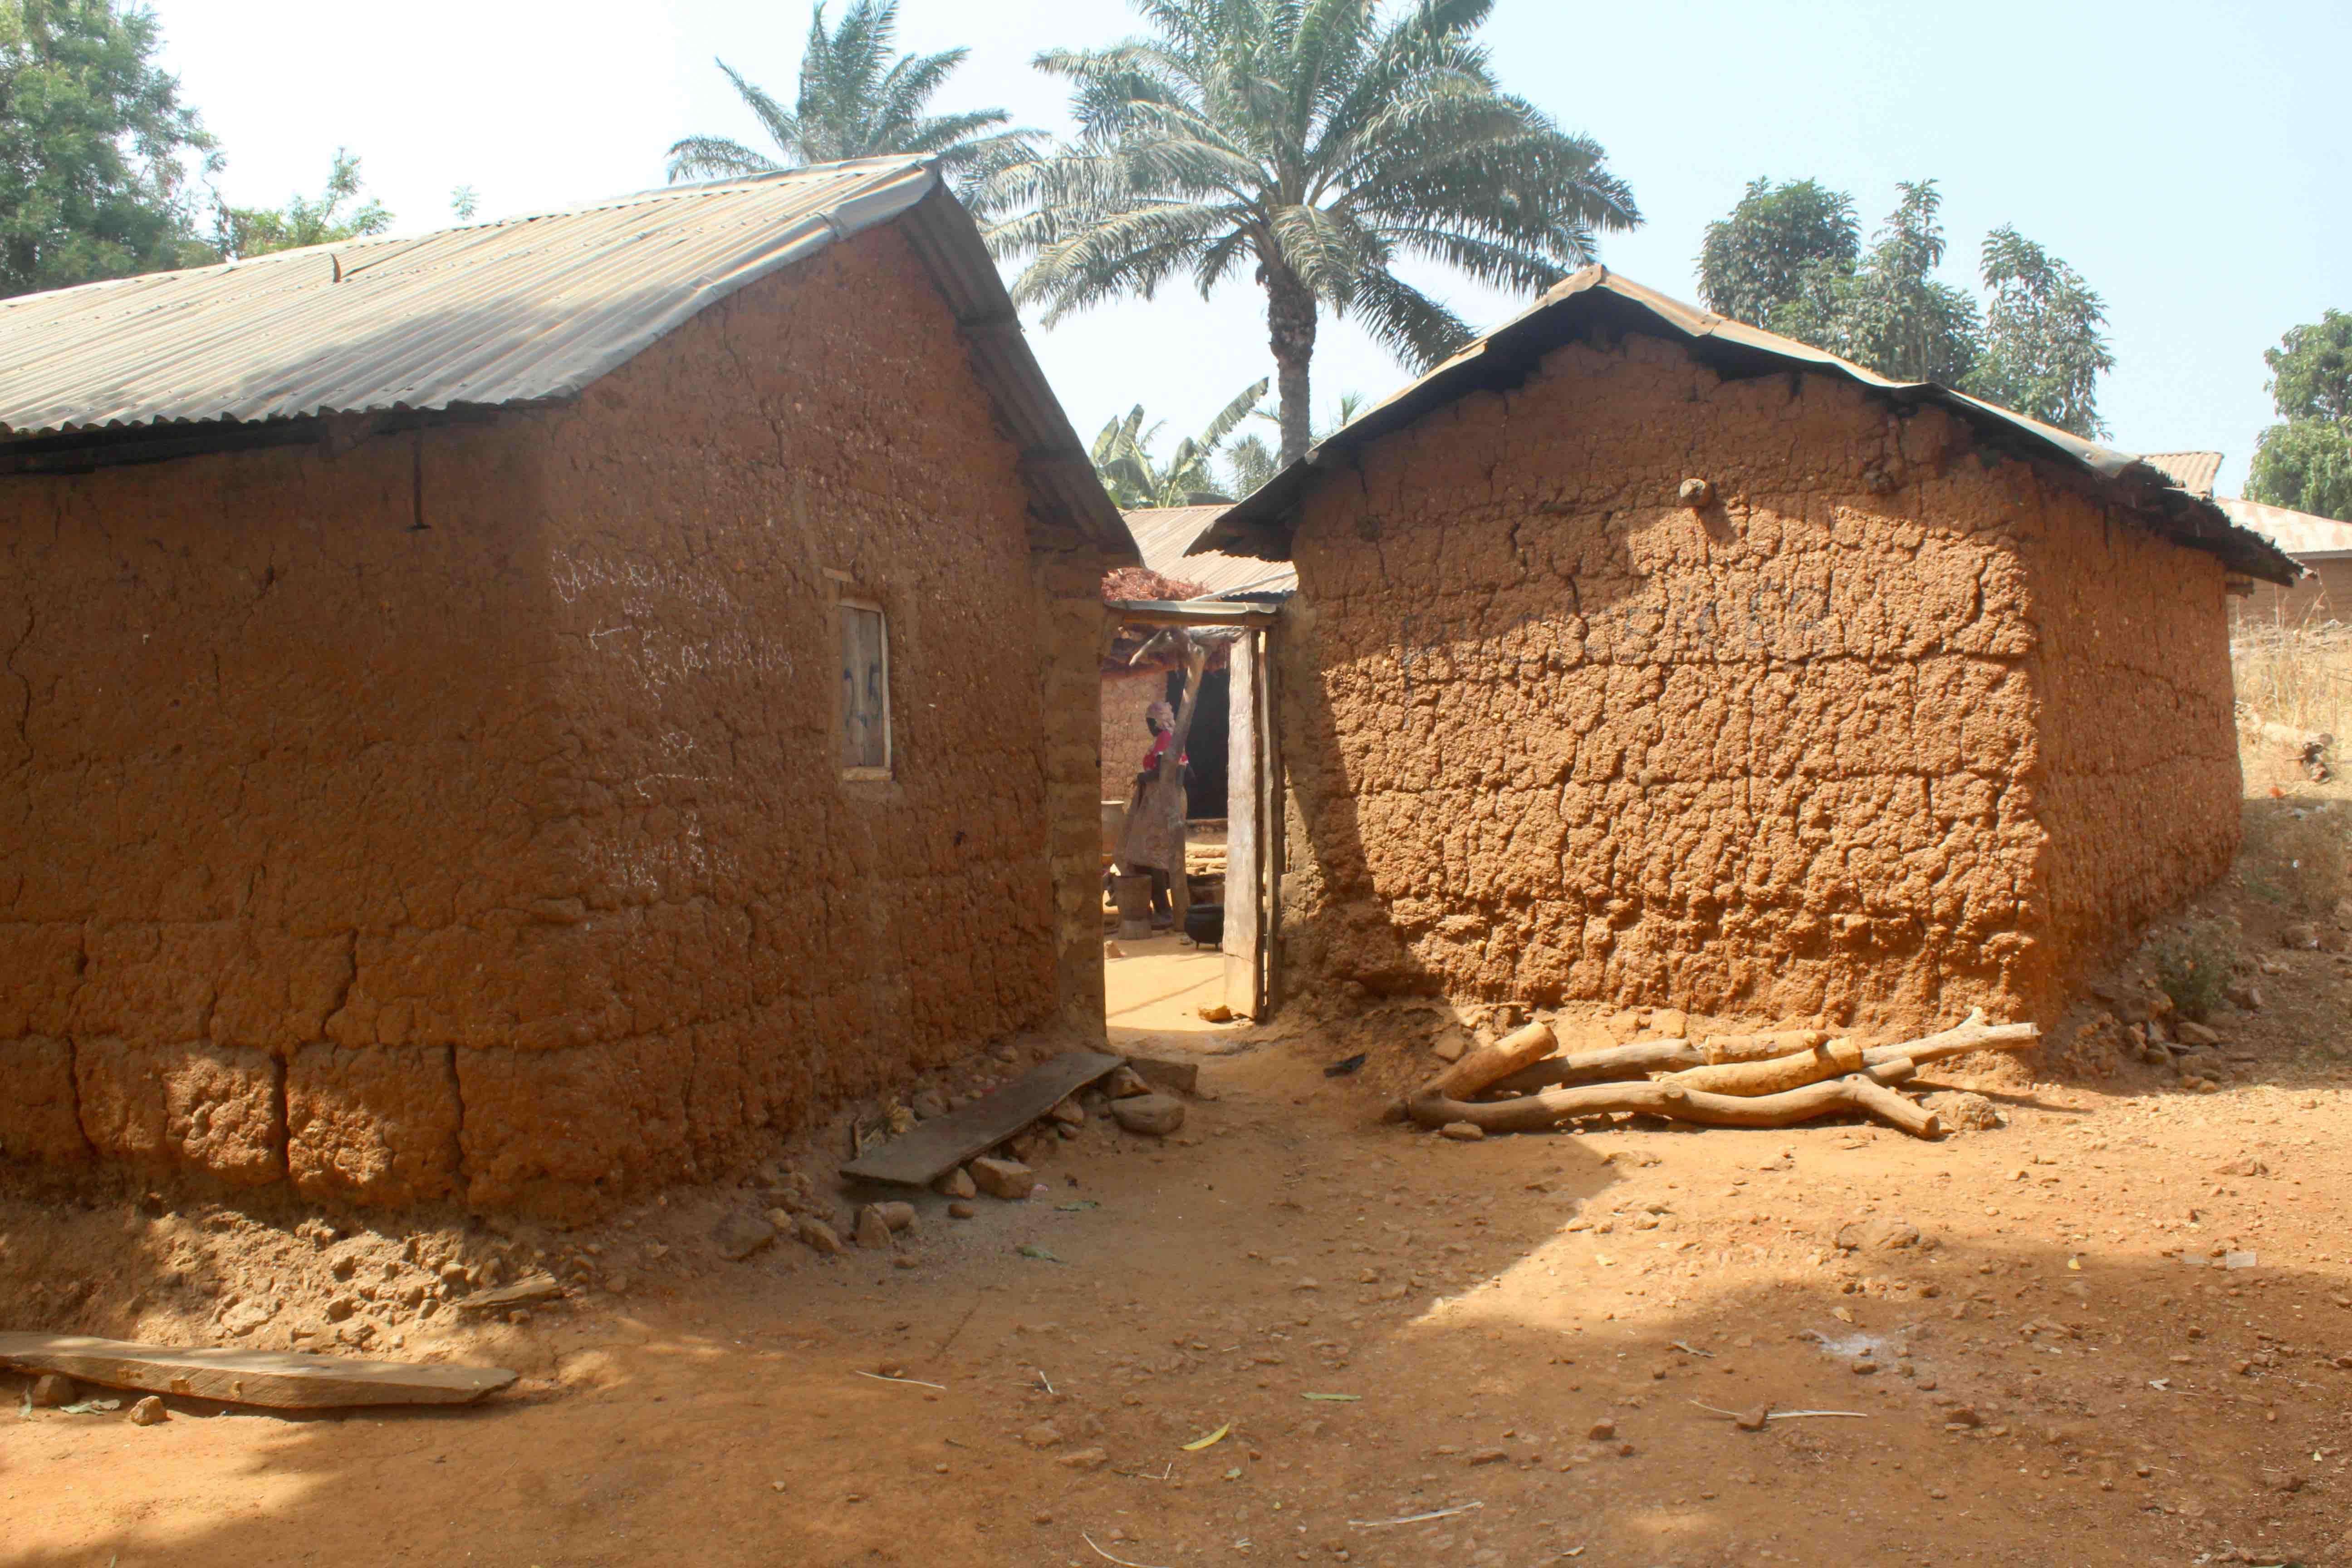 Red mud huts in Langa Langa Village, Nasarawa State, Nigeria. #JujuFilms